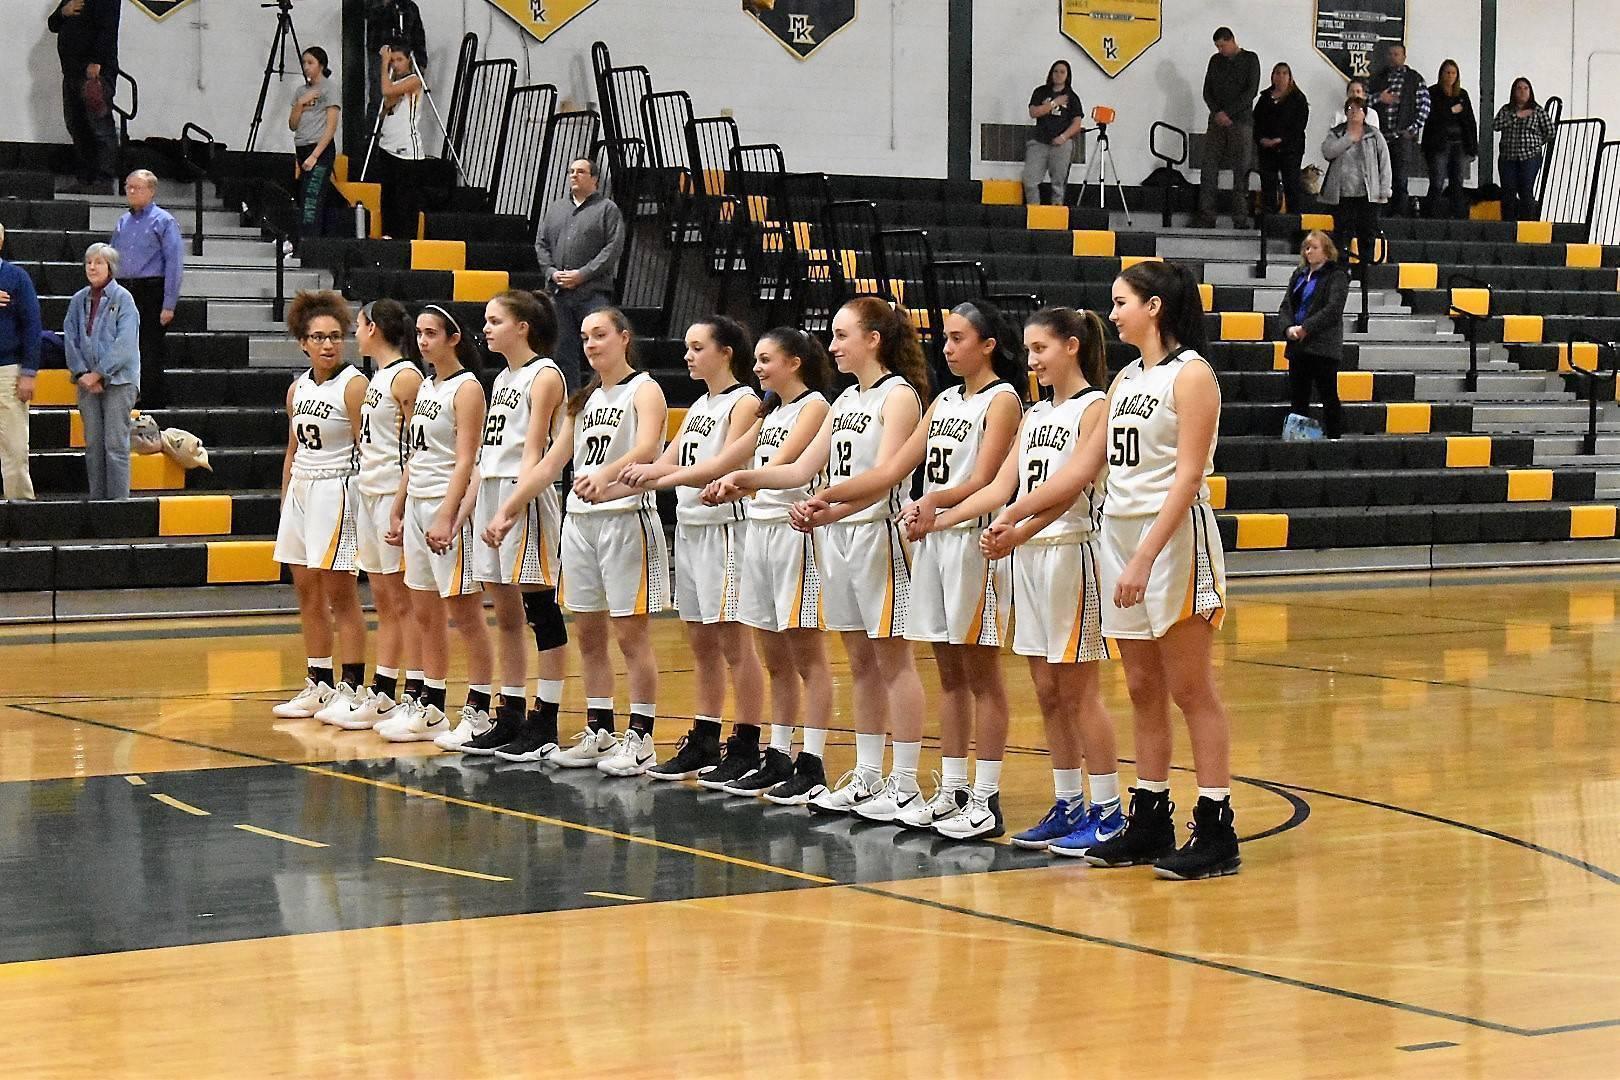 Girls Basketball 01.01192019.JPG